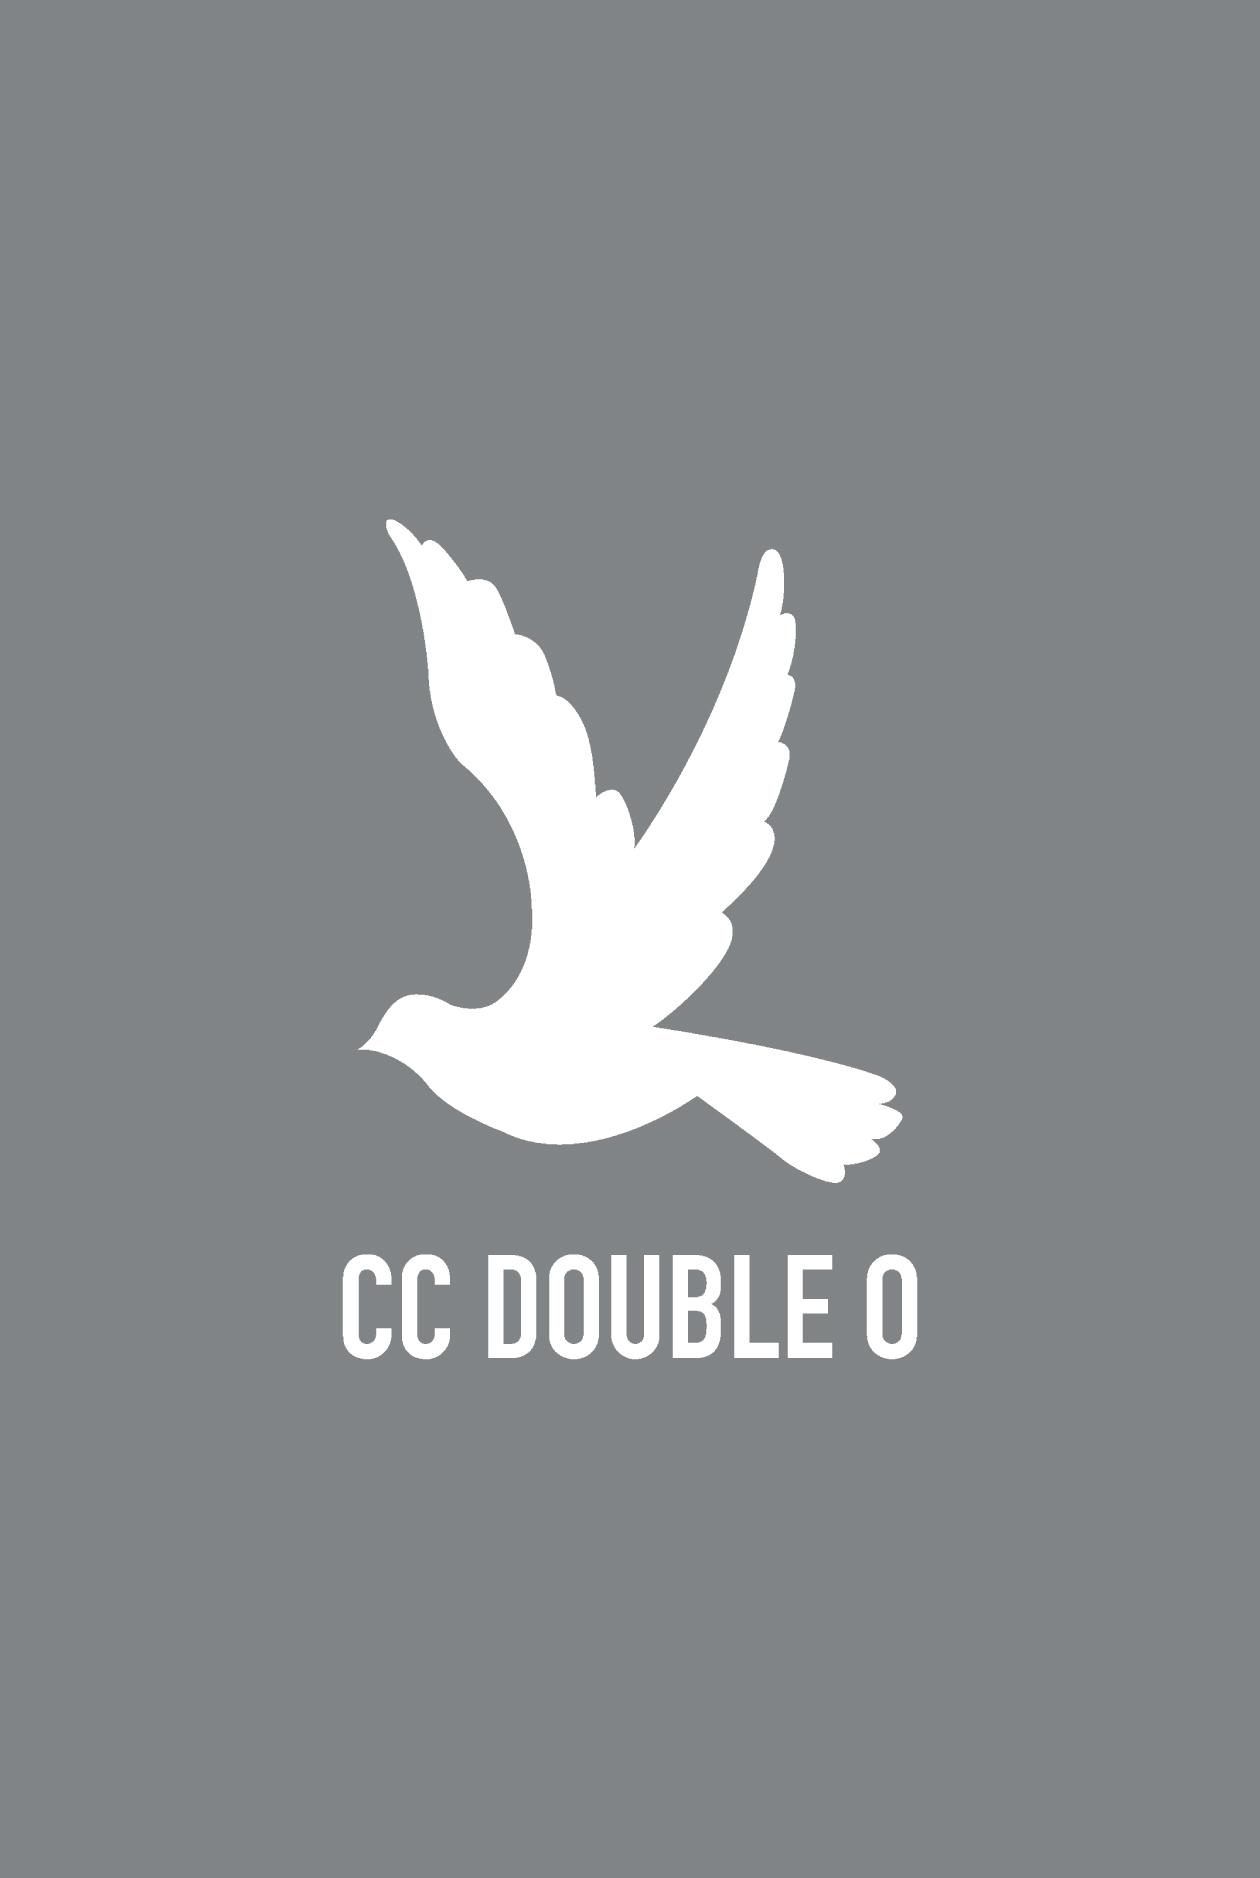 เสื้อโปโลโลโก้รูปนกแต่งเทปโลโก้ CC DOUBLE O